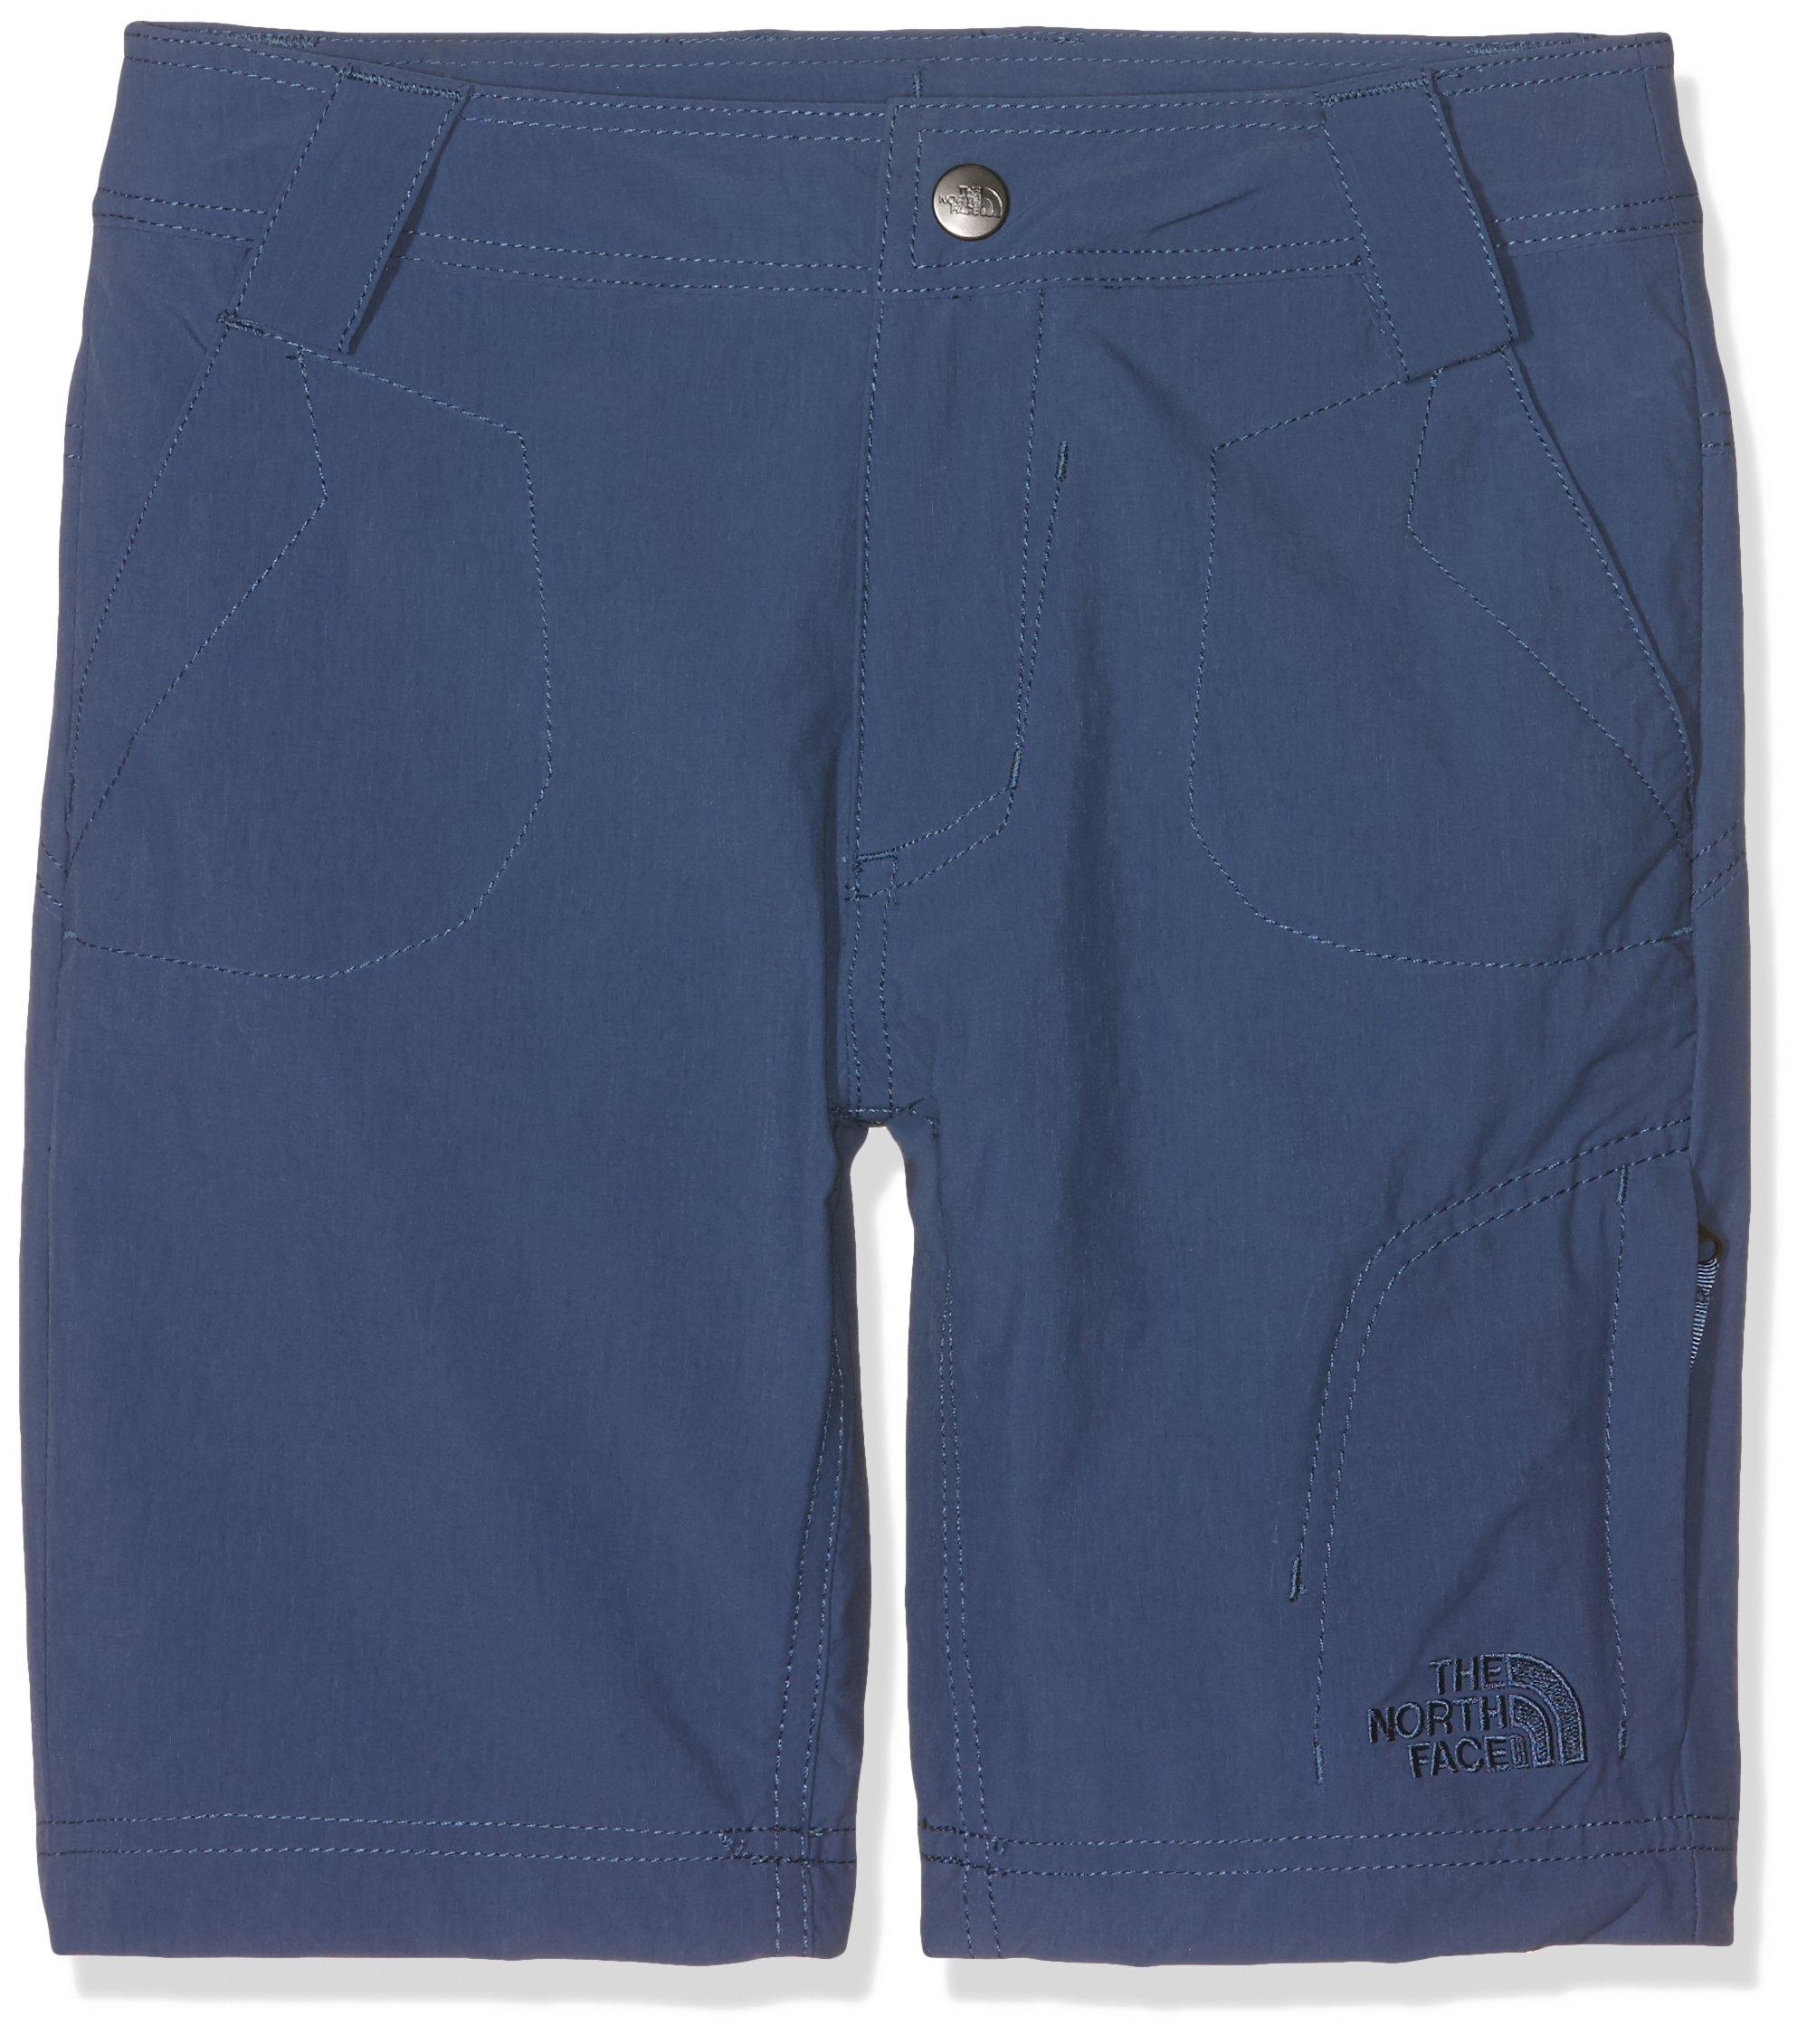 North Face T92XIZHDC Pantaloncini da donna, blu, taglia: L (taglia produttore: L)